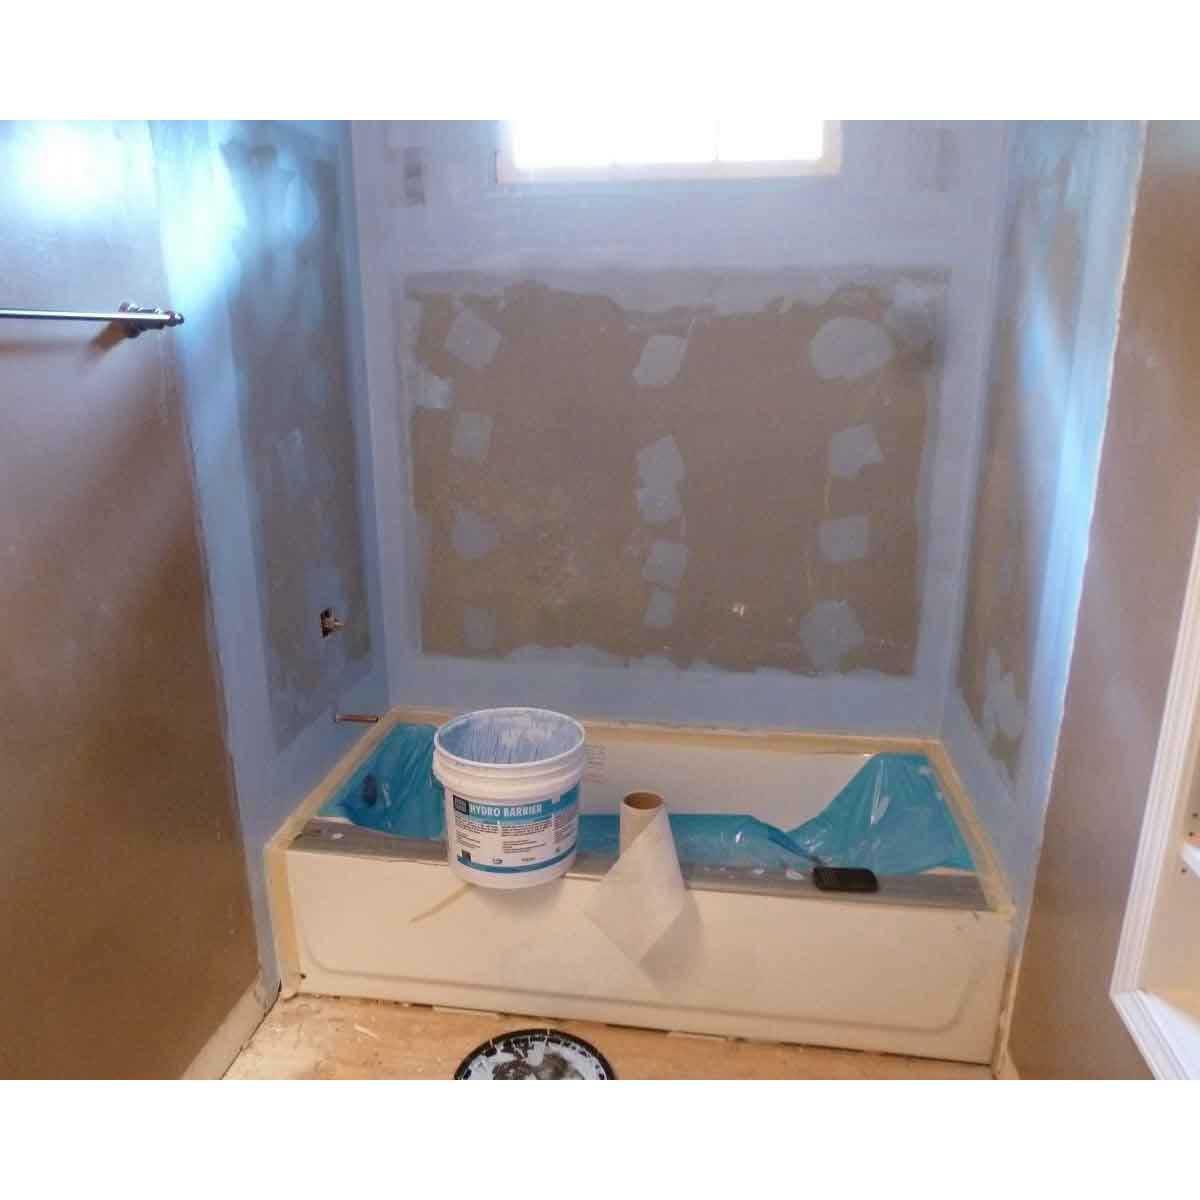 Laticrete Hydro Barrier shower